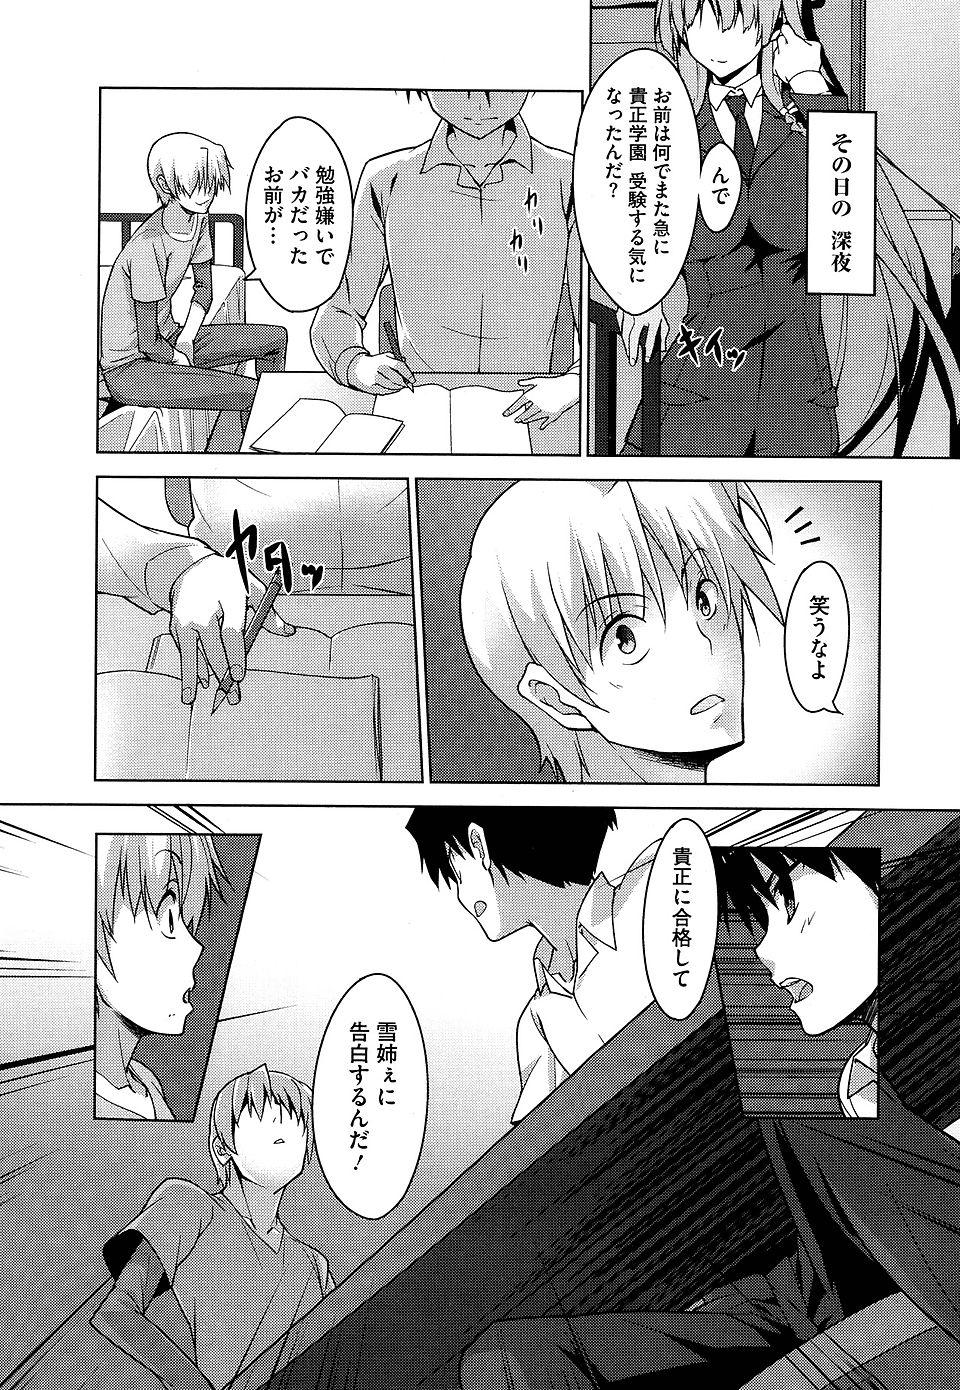 【エロ漫画・エロ同人】兄が弟の好きな巨乳娘をを性奴隷にしてるwww (4)